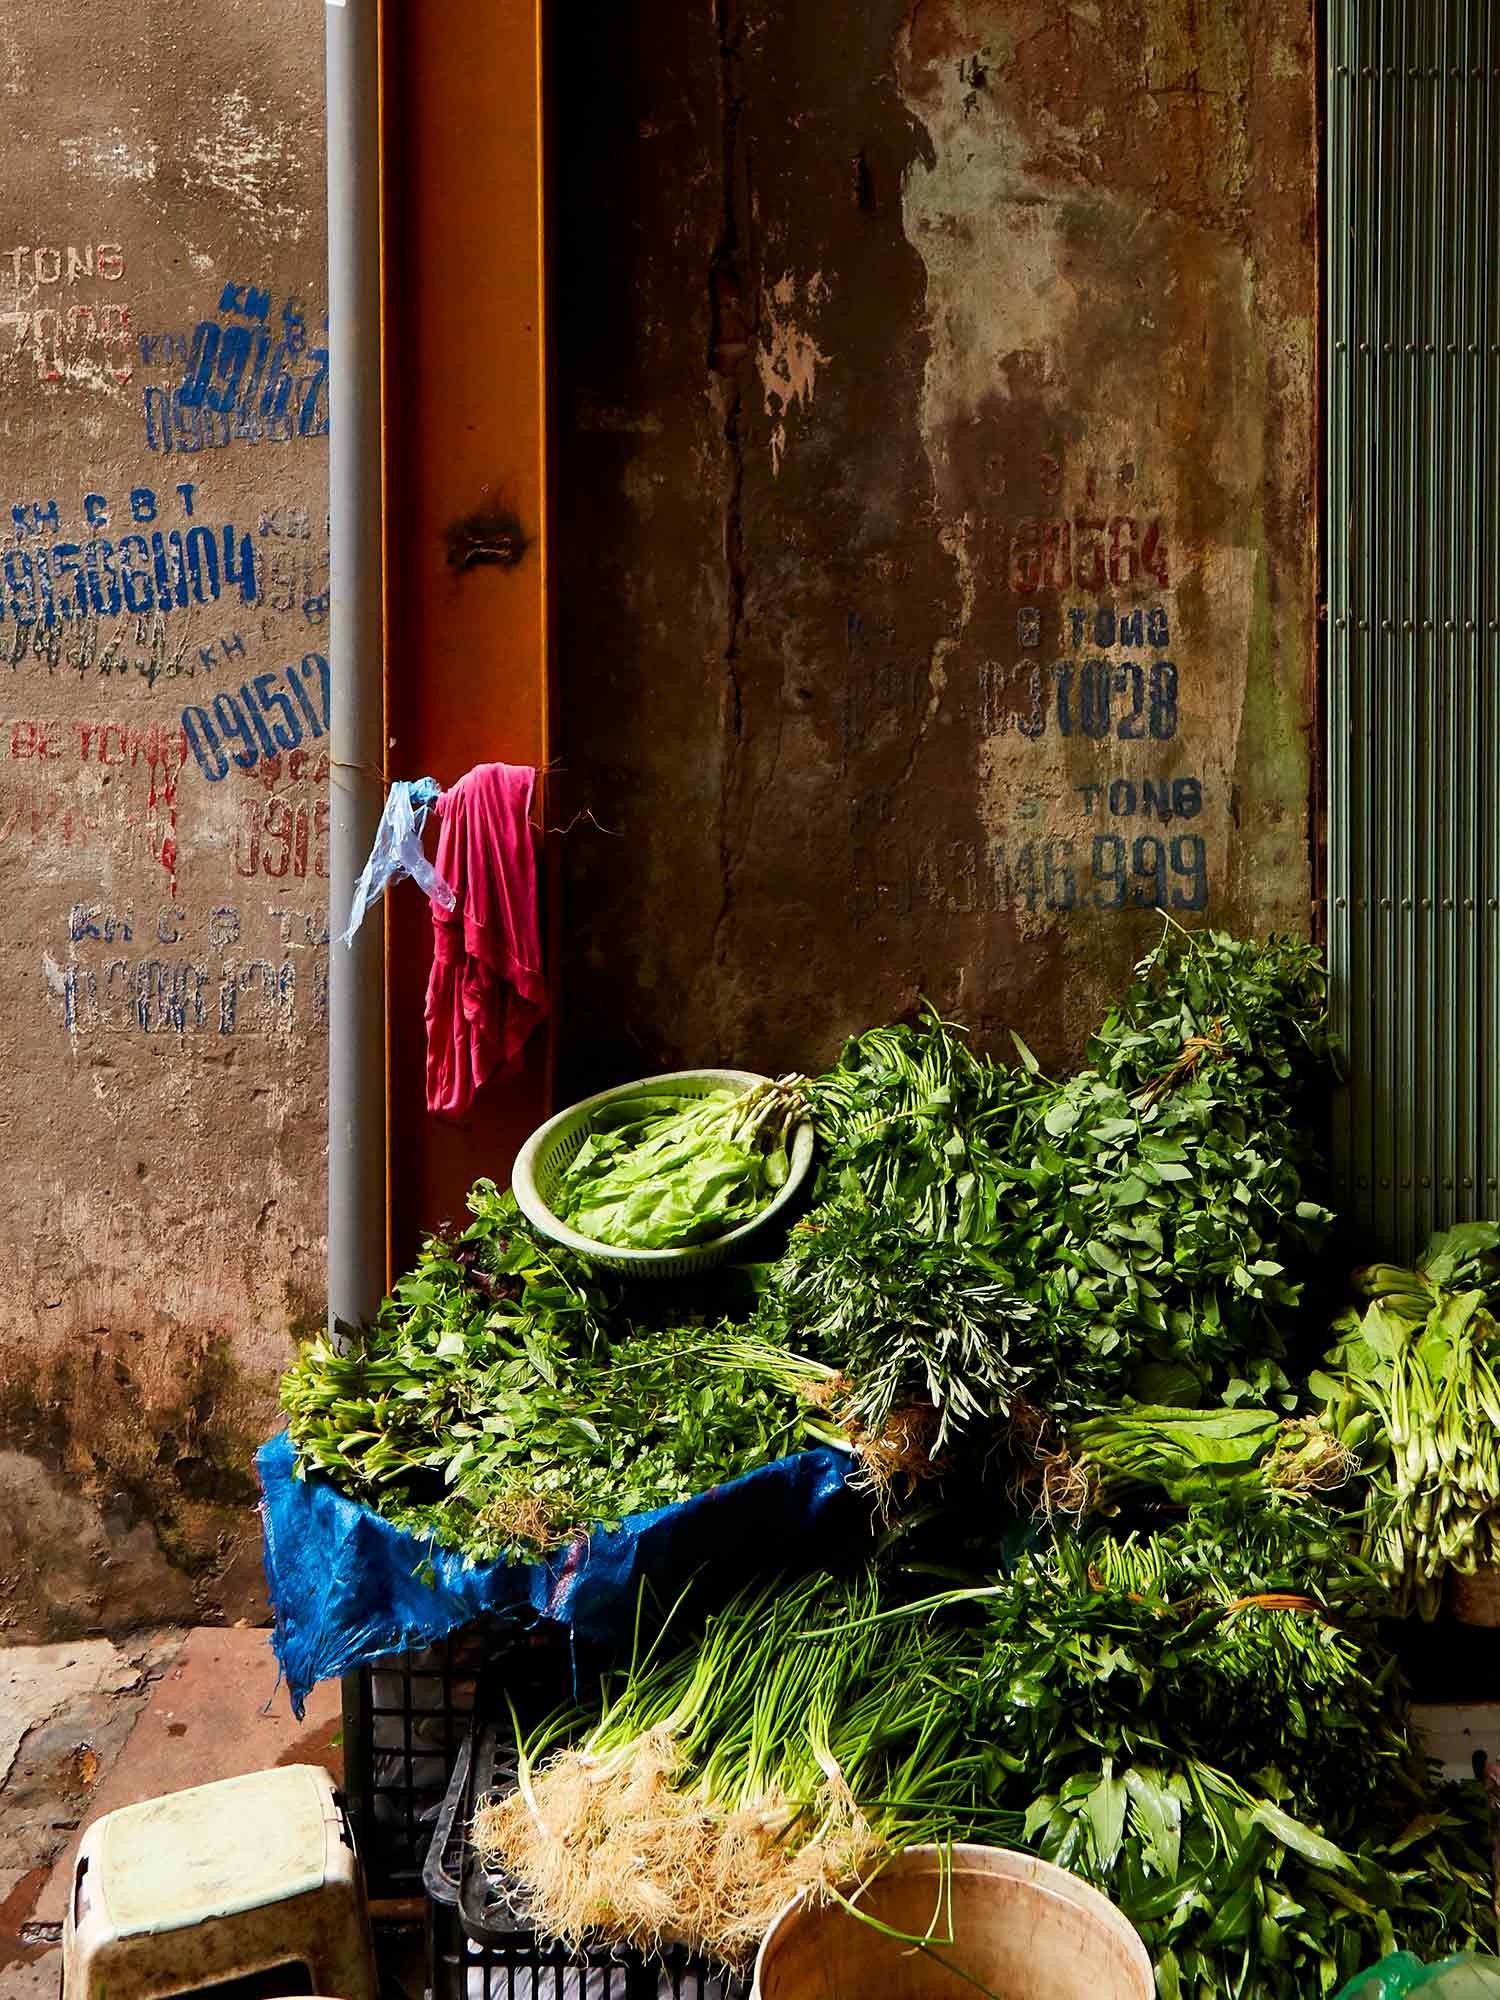 CNT_Hanoi_Old_Quarter_04.jpg